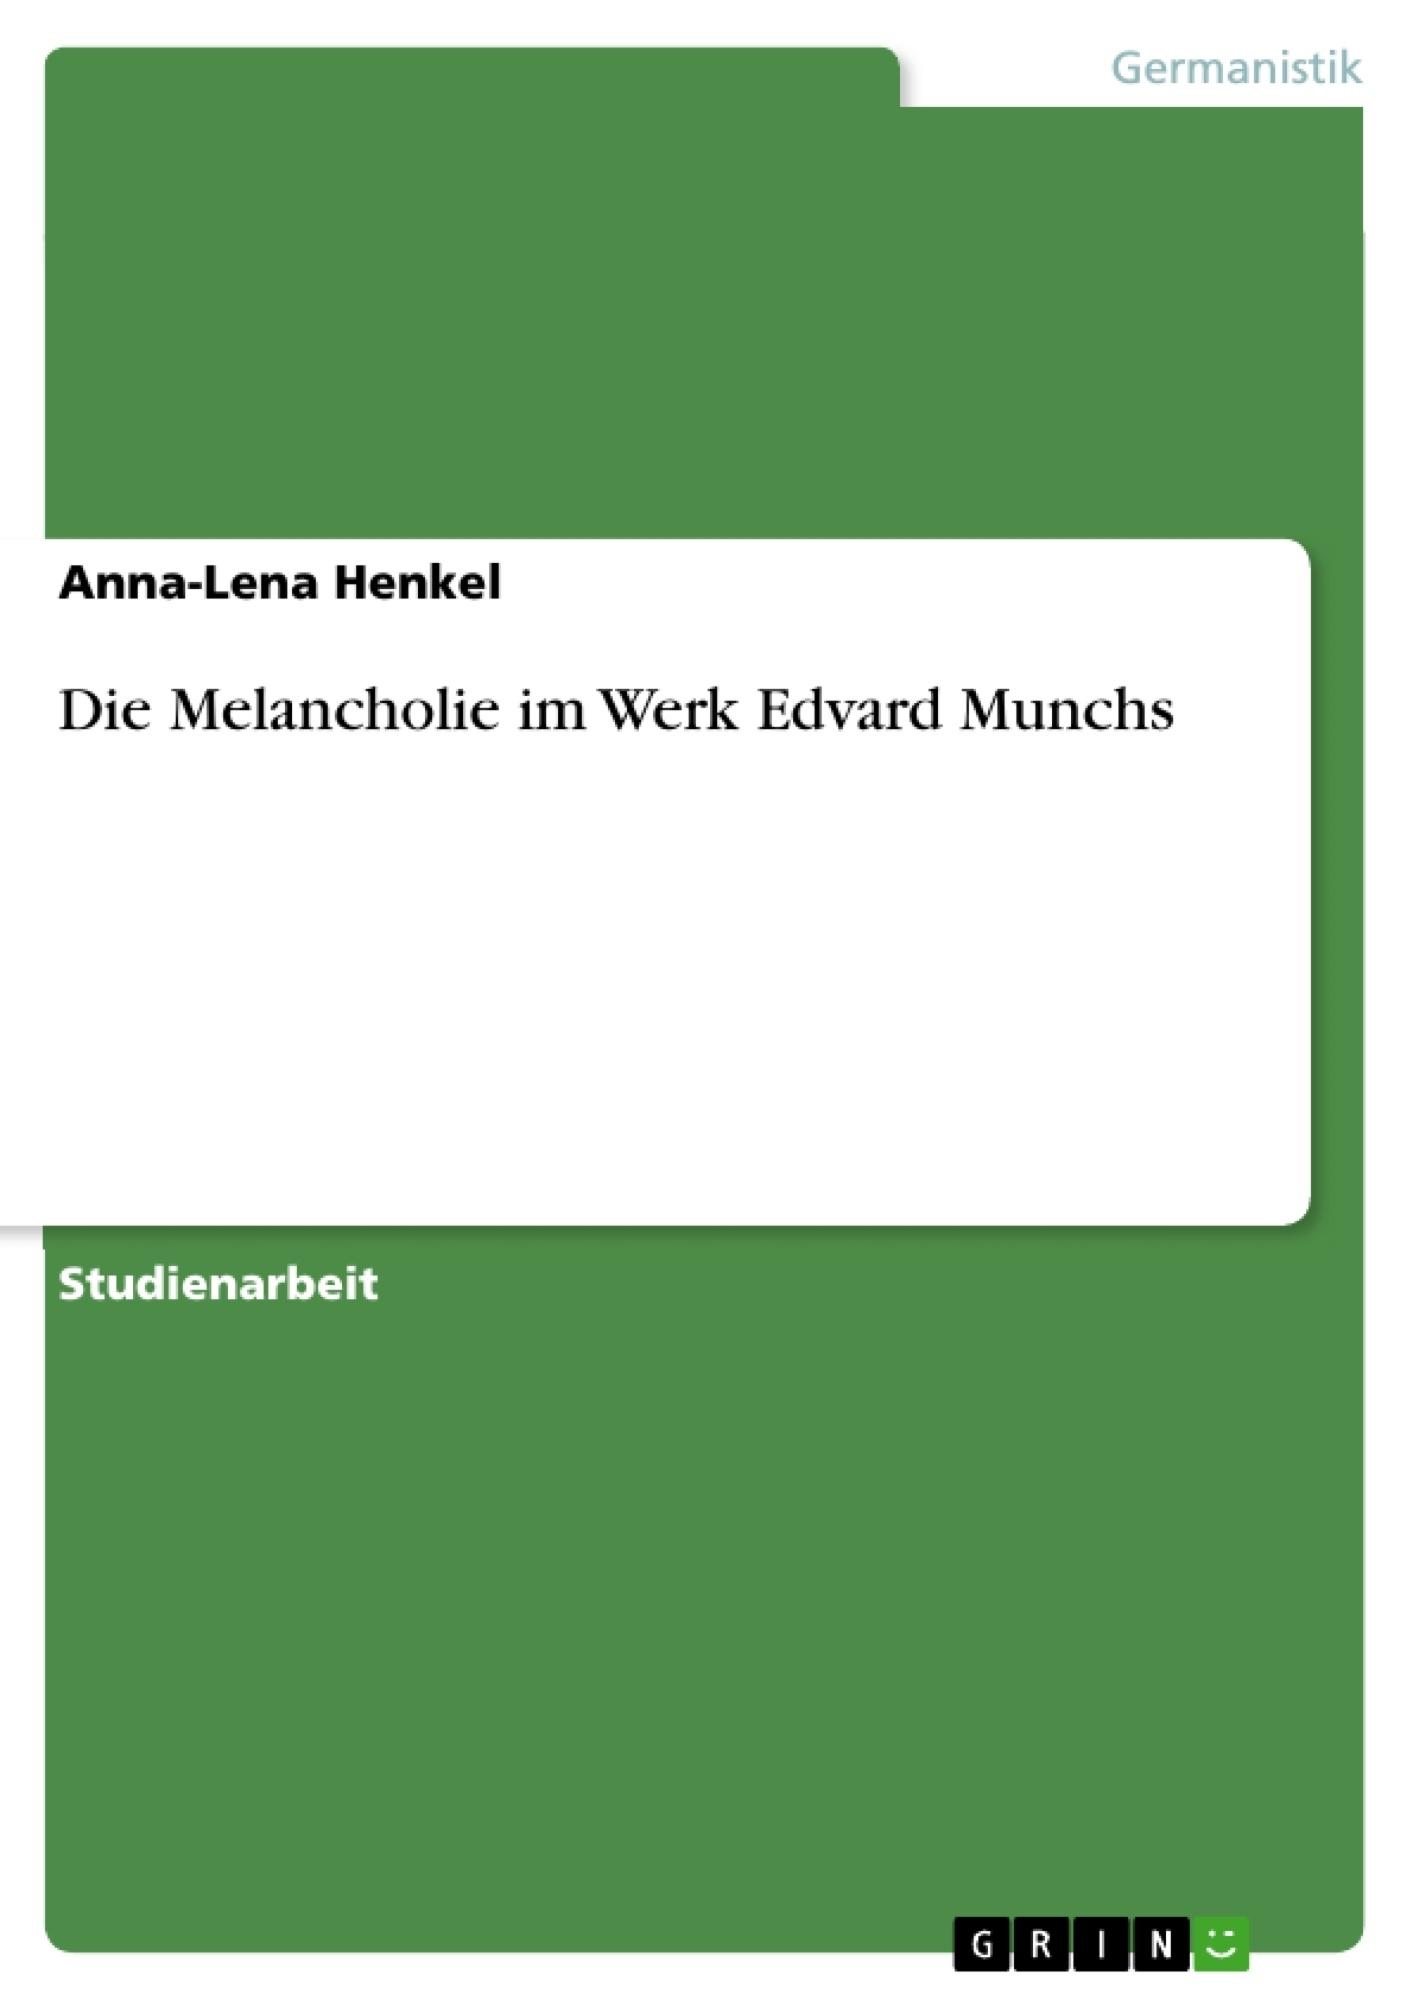 Titel: Die Melancholie im Werk Edvard Munchs